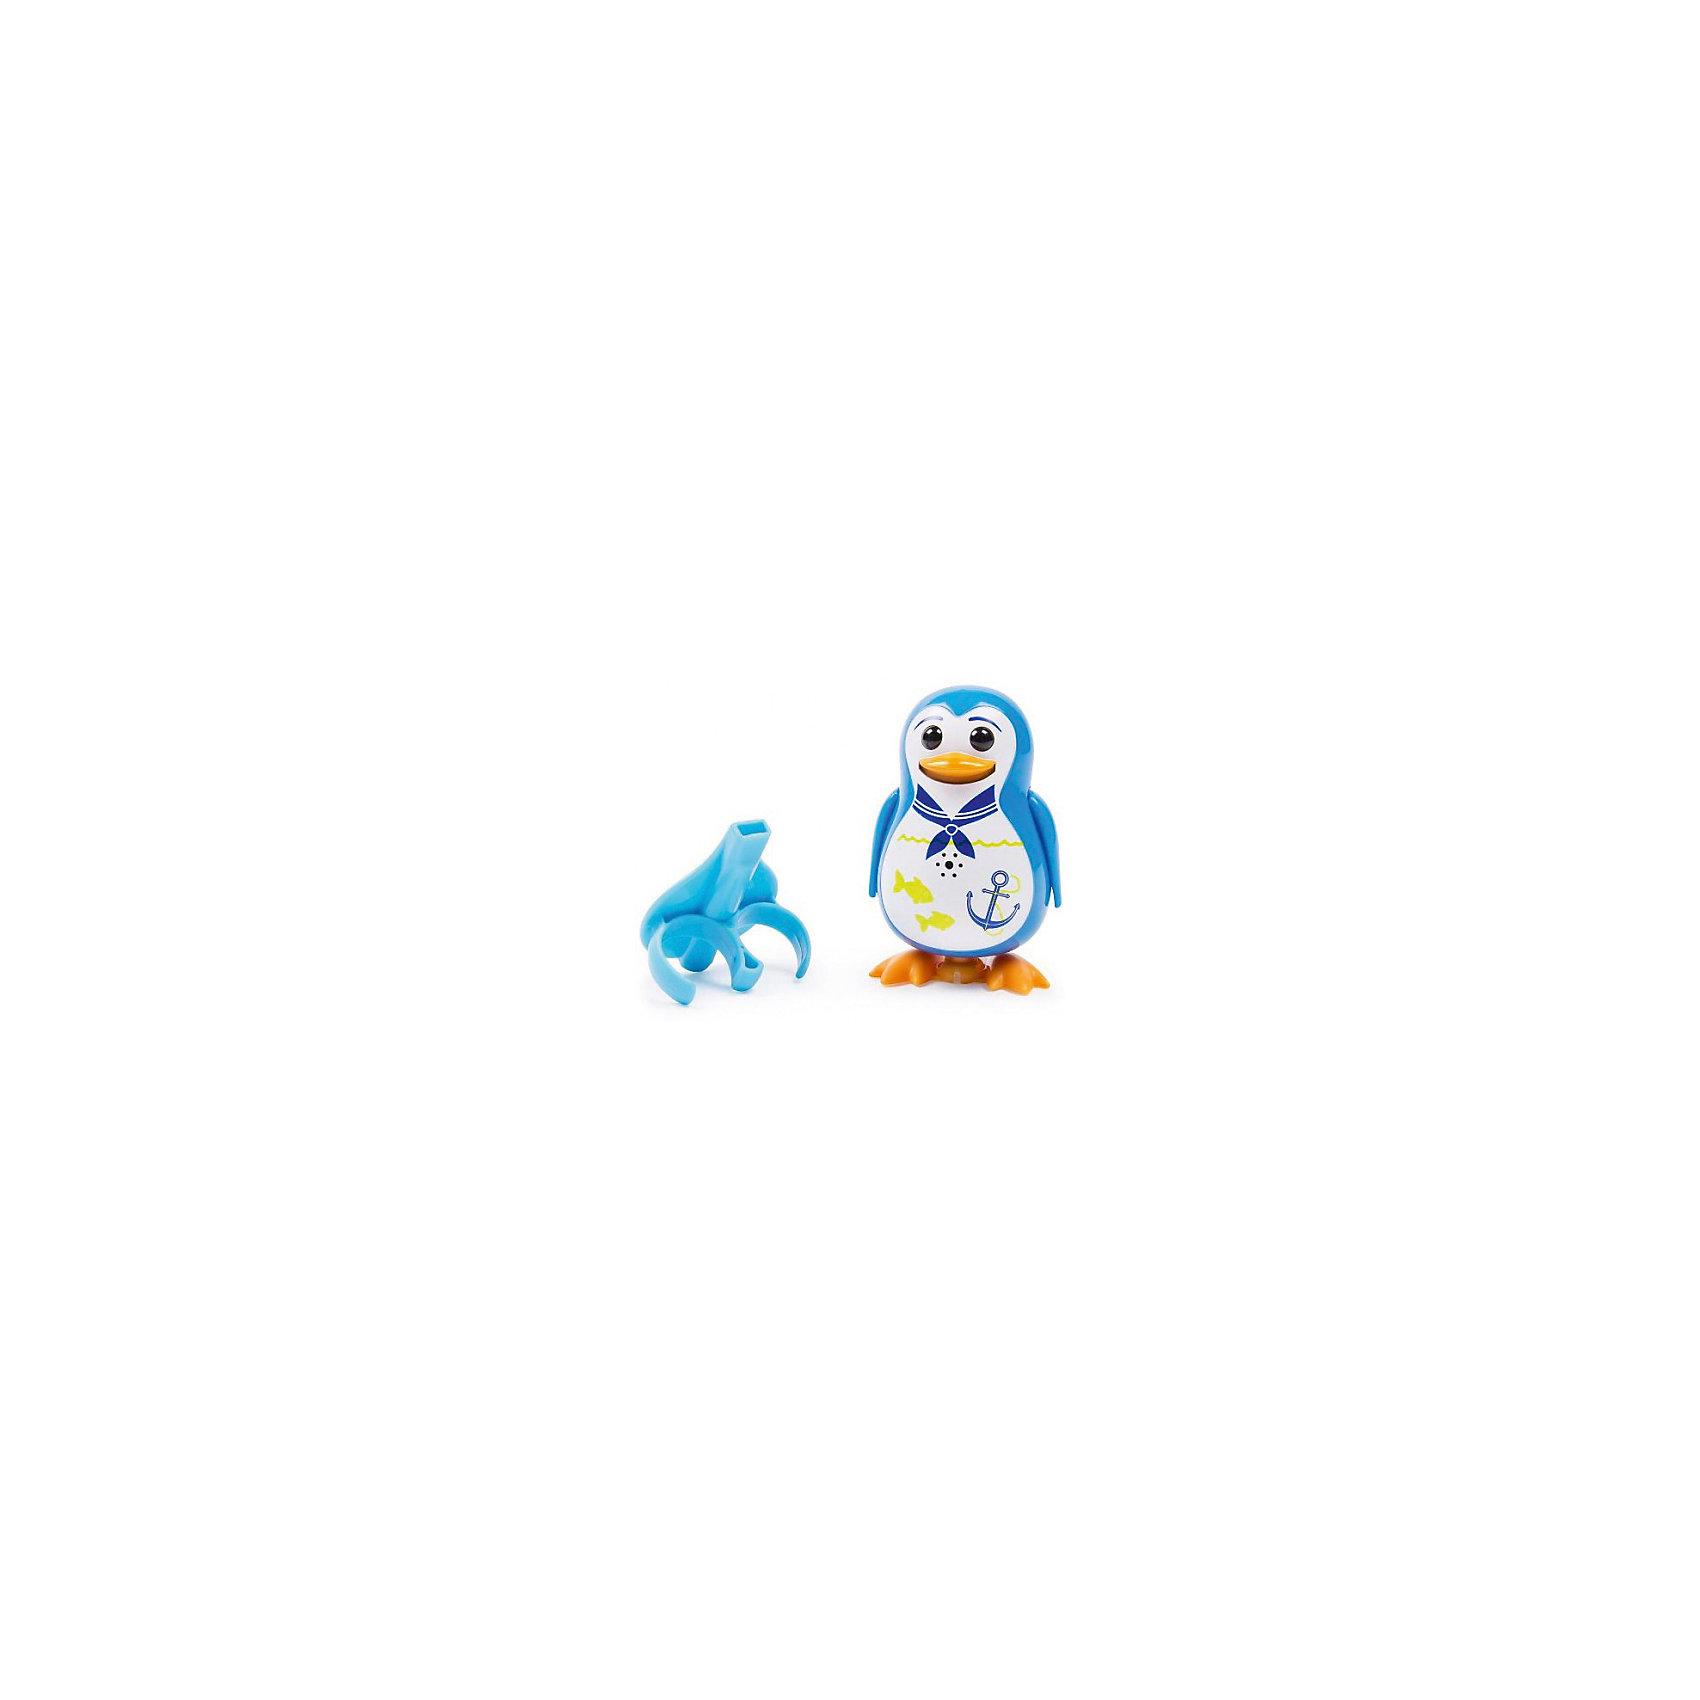 Silverlit Поющий пингвин с кольцом, синий, DigiBirds мягкая игрушка пингвин tux купить